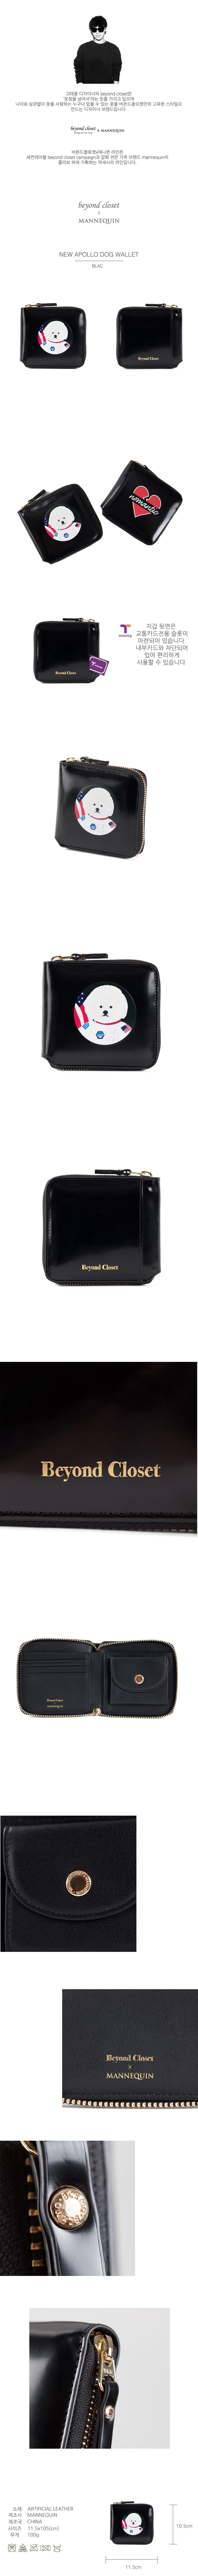 [비욘드클로젯X매니퀸] 뉴 아폴로 도그 반지갑 - 매니퀸, 45,000원, 여성지갑, 반지갑